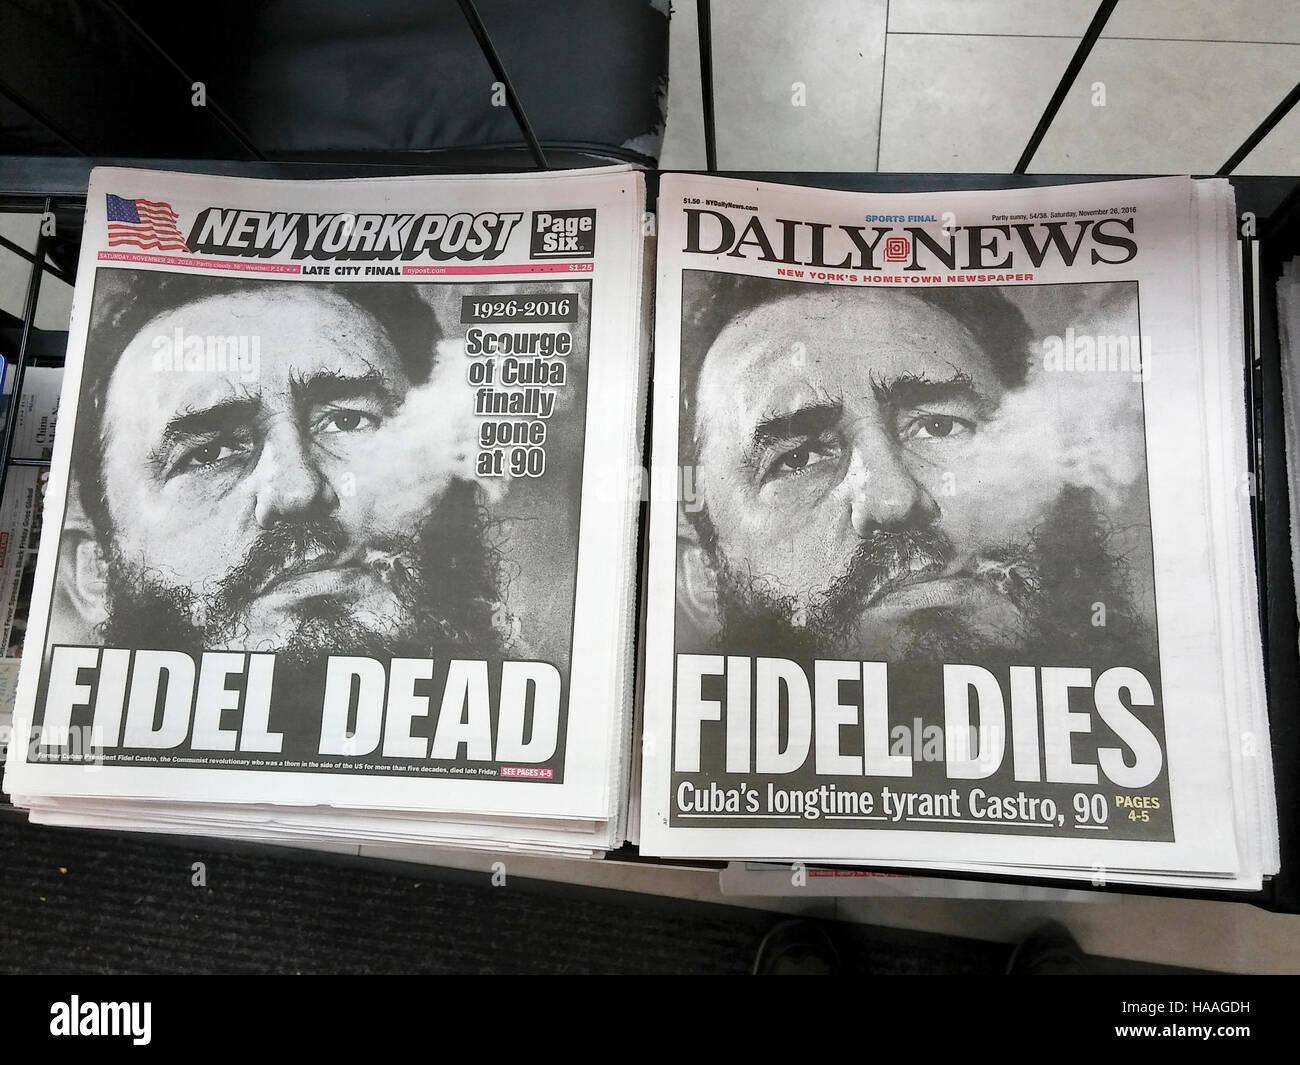 El New York Post y el Daily News el sábado, 26 de noviembre de 2016 tienen un aspecto casi idéntico que Imagen De Stock